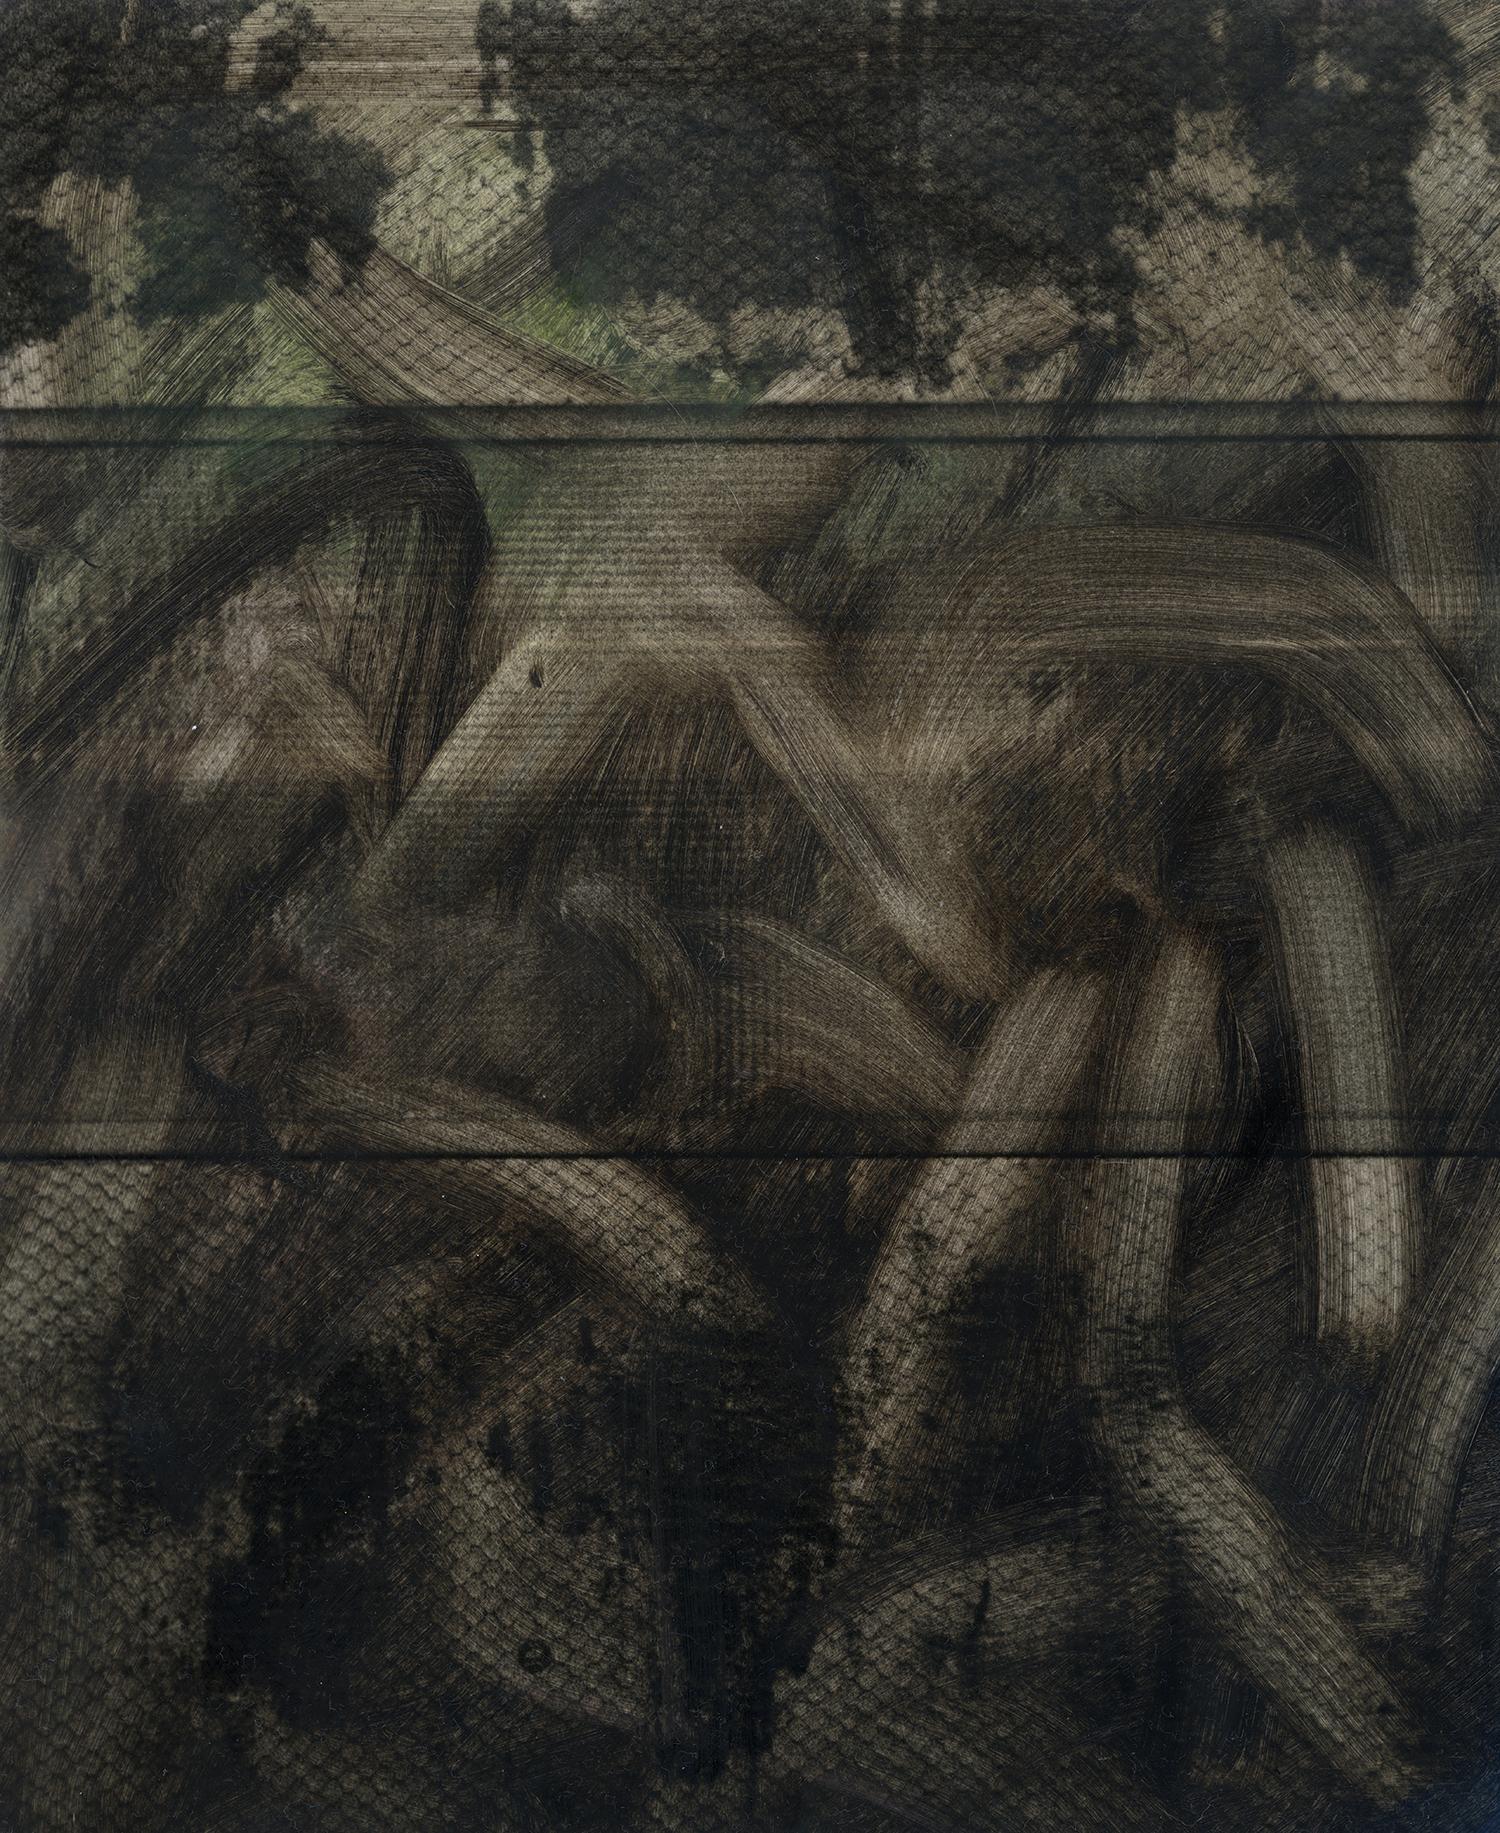 Prowl for safe prey, 2019 - oil on unique silver gelatin print22 x 18cm, 50.8 x 40.6cm framed$600 (framed)